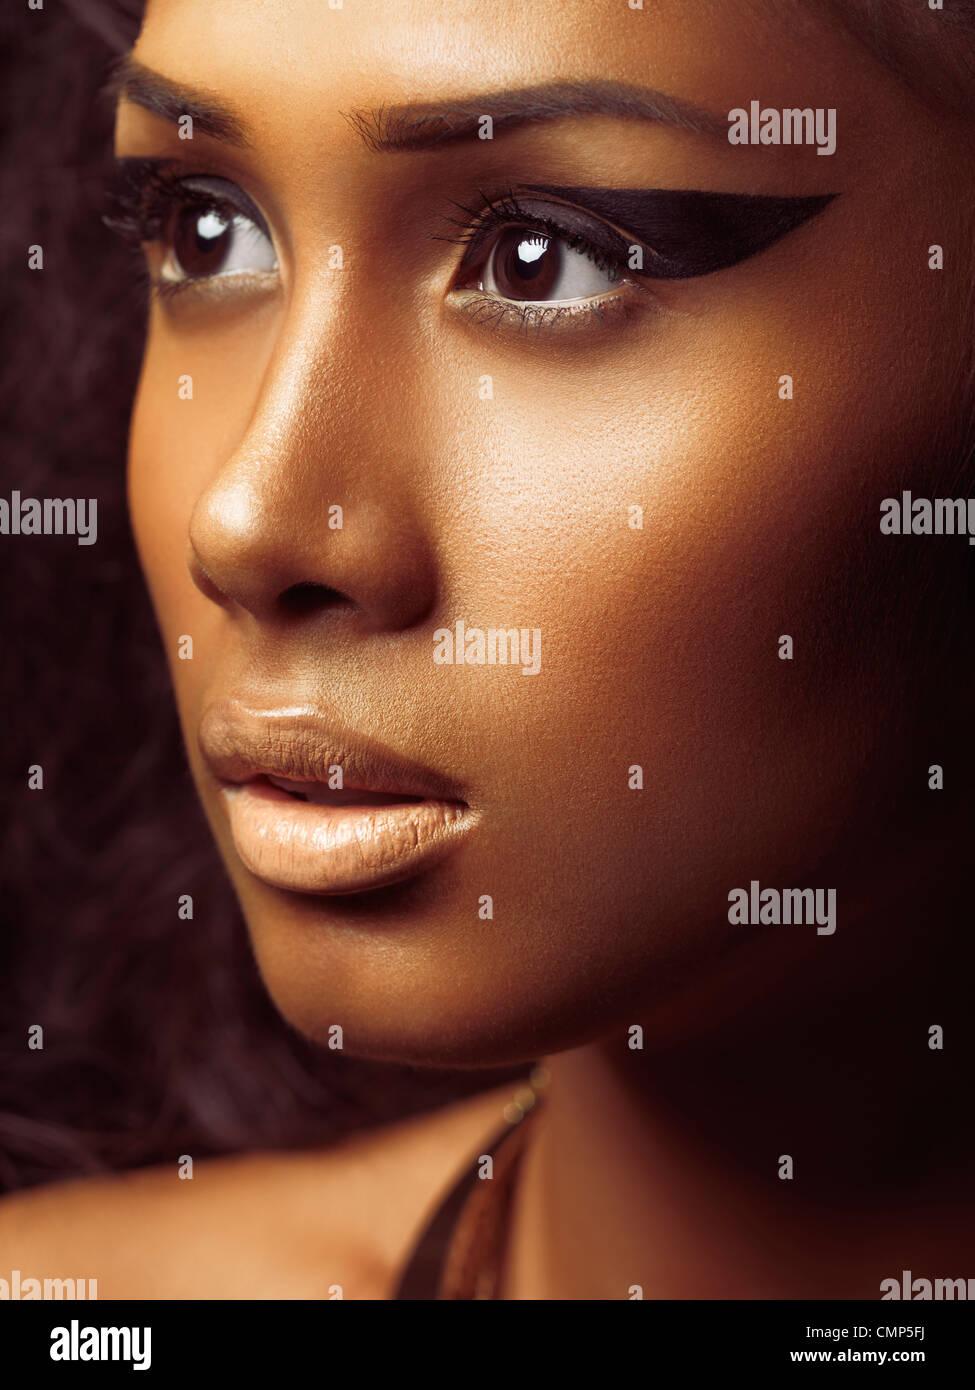 Beauté exotique closeup portrait of a young woman's face avec la peau dorée et le maquillage artistique Photo Stock